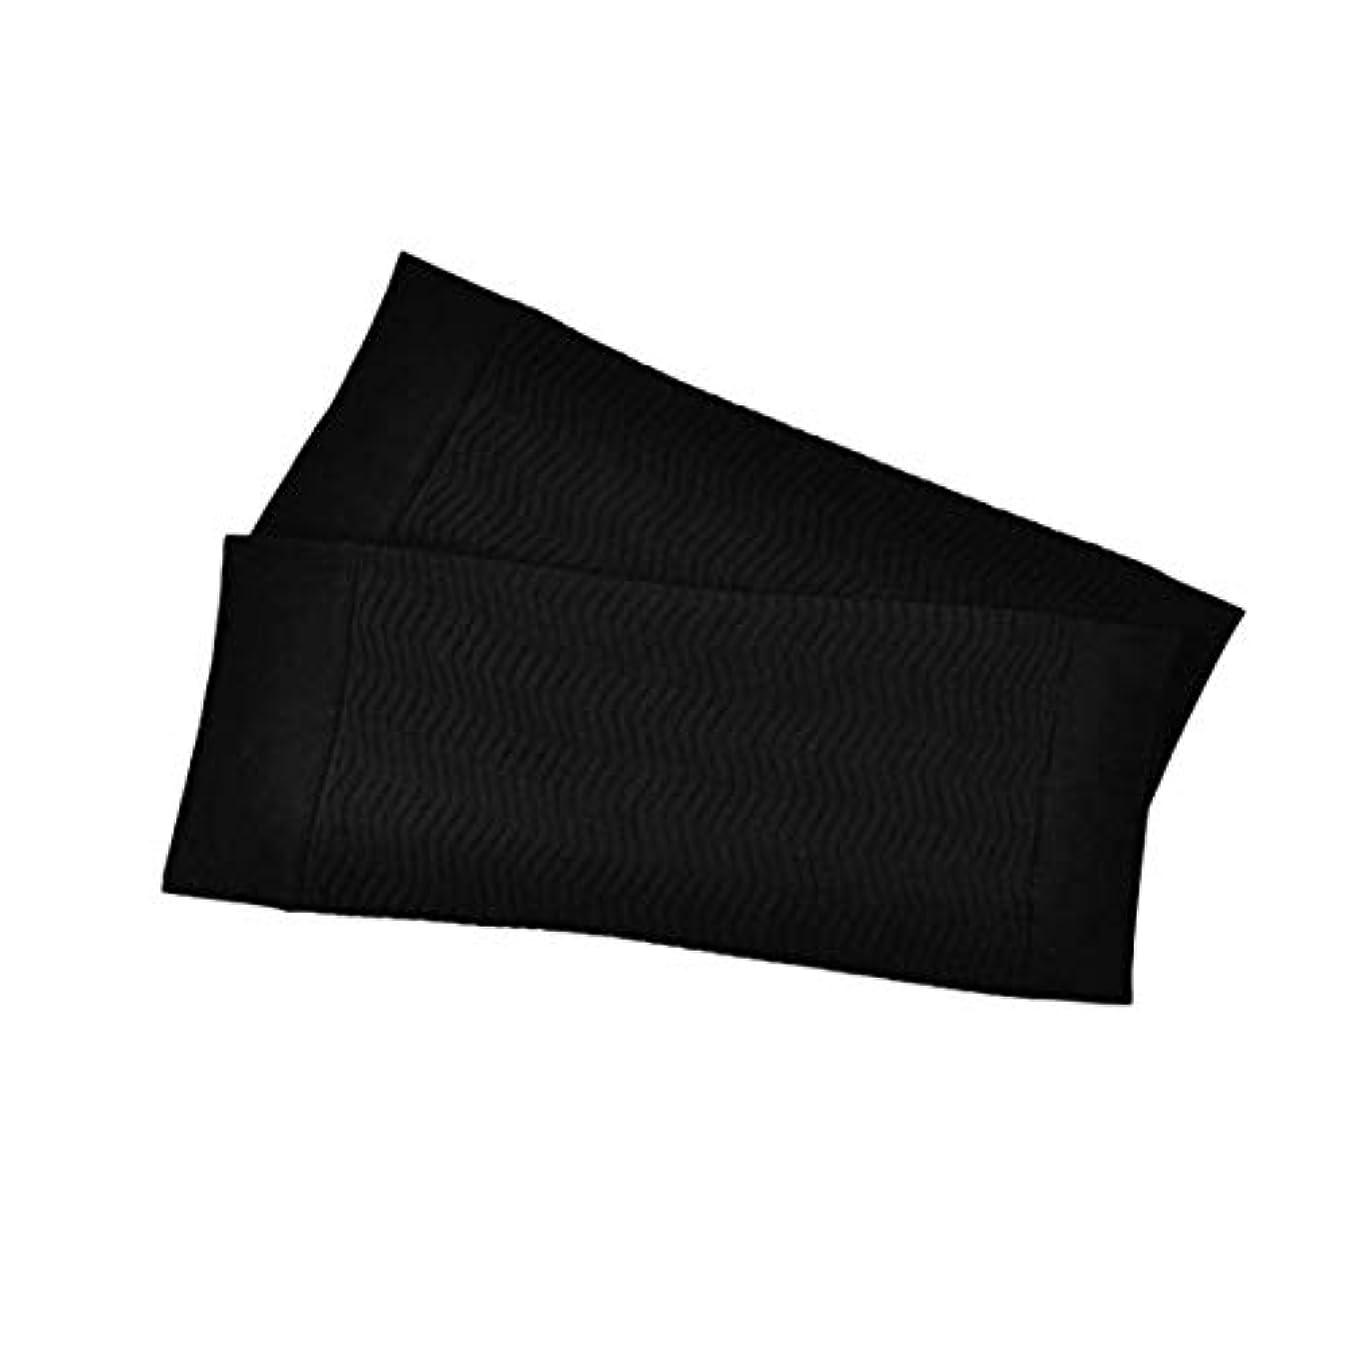 ツイン獣涙1ペア680 D圧縮アームシェイパーワークアウトトーニングバーンセルライトスリミングアームスリーブ脂肪燃焼半袖用女性 - ブラック